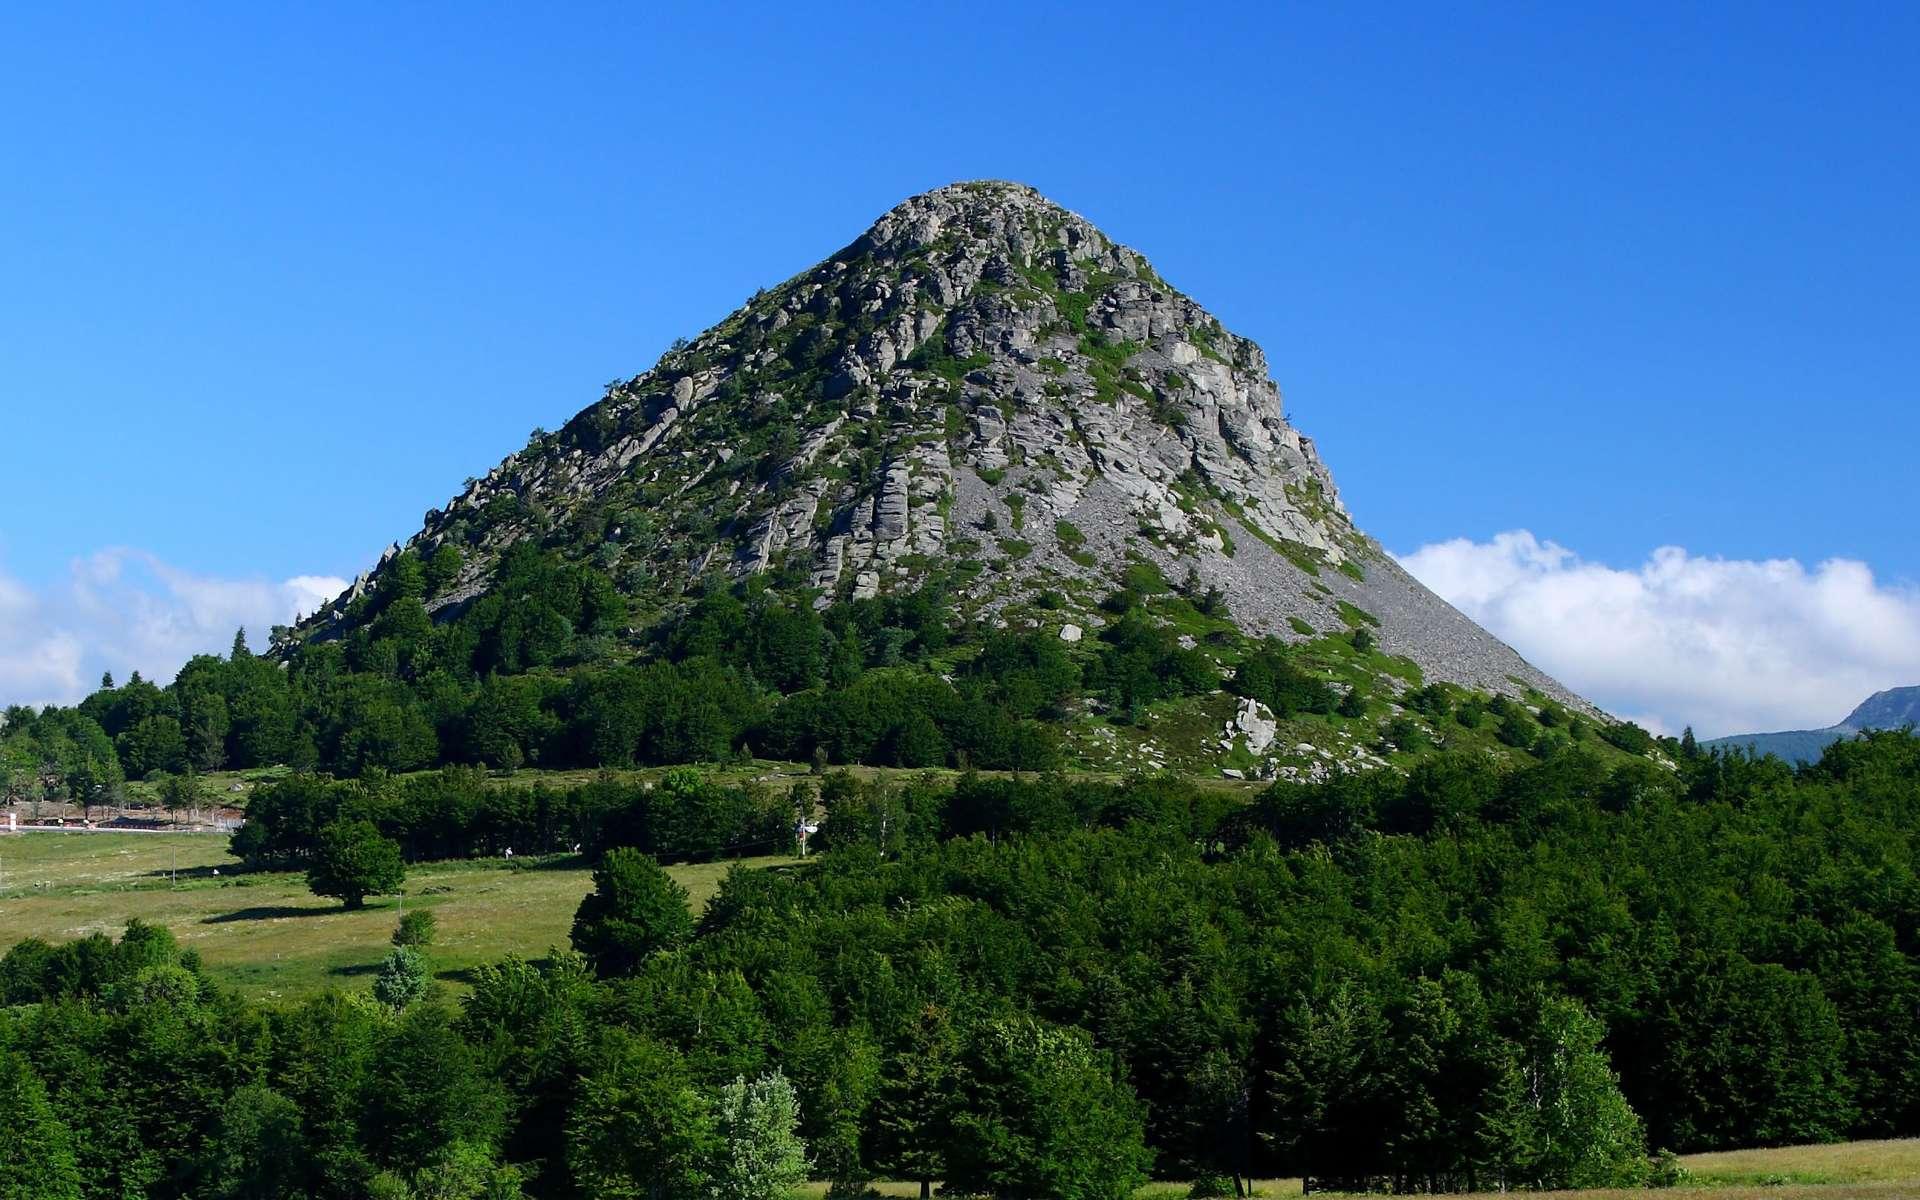 Le mont Gerbier-de-Jonc dans le Massif central, une protubérance phonolitique datée de huit millions d'années. © into the wild, Adobe Stock